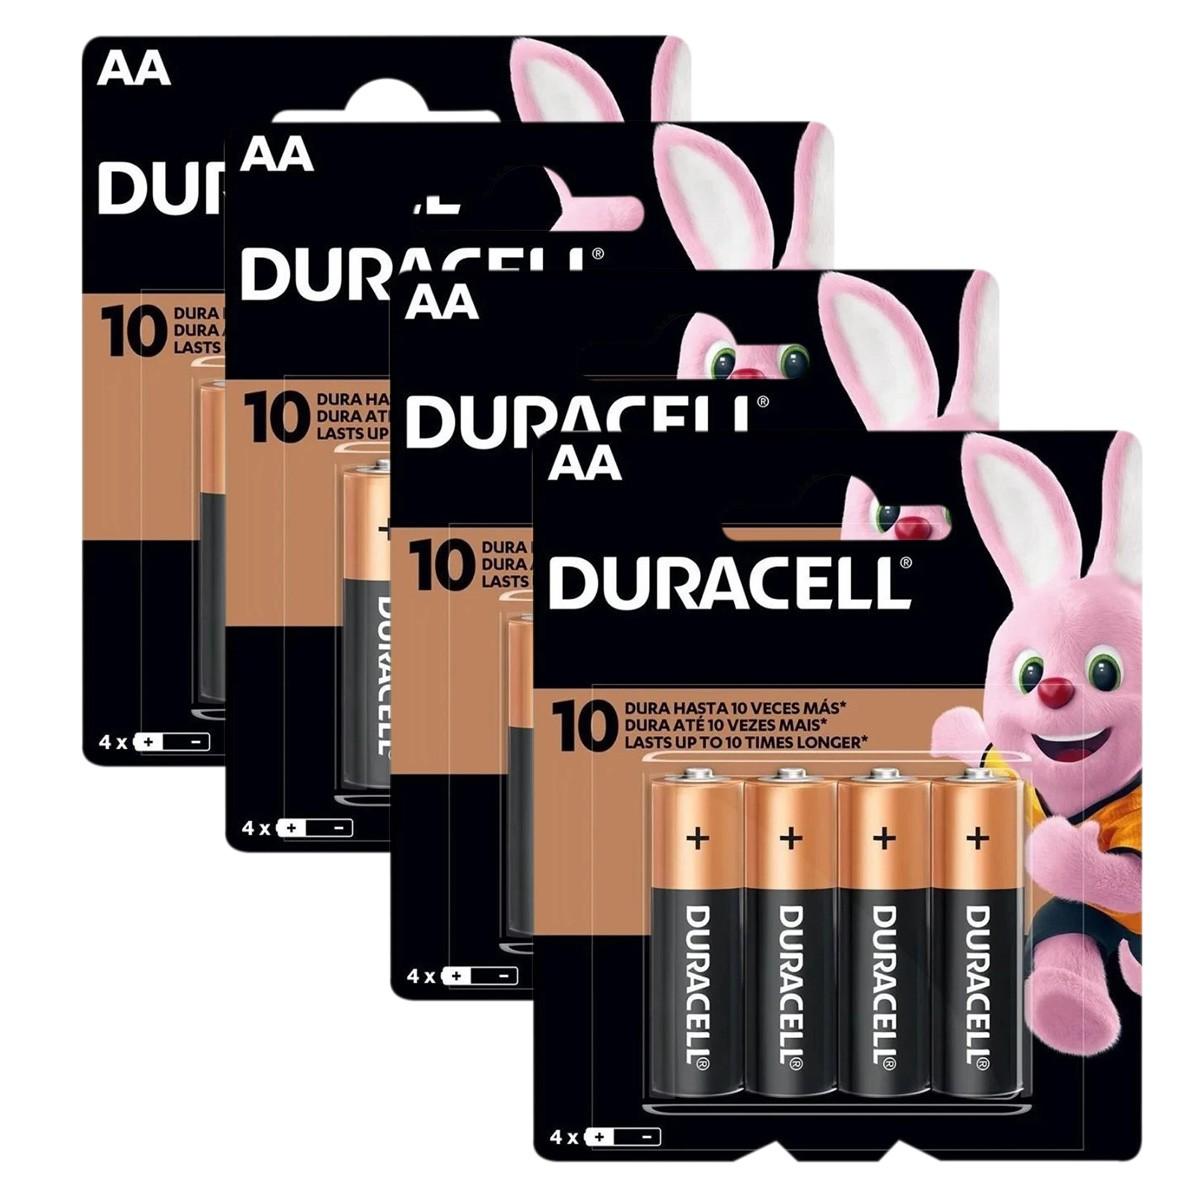 16 Pilhas DURACELL DURALOCK Alcalina AA Embalagem C/4 Unids